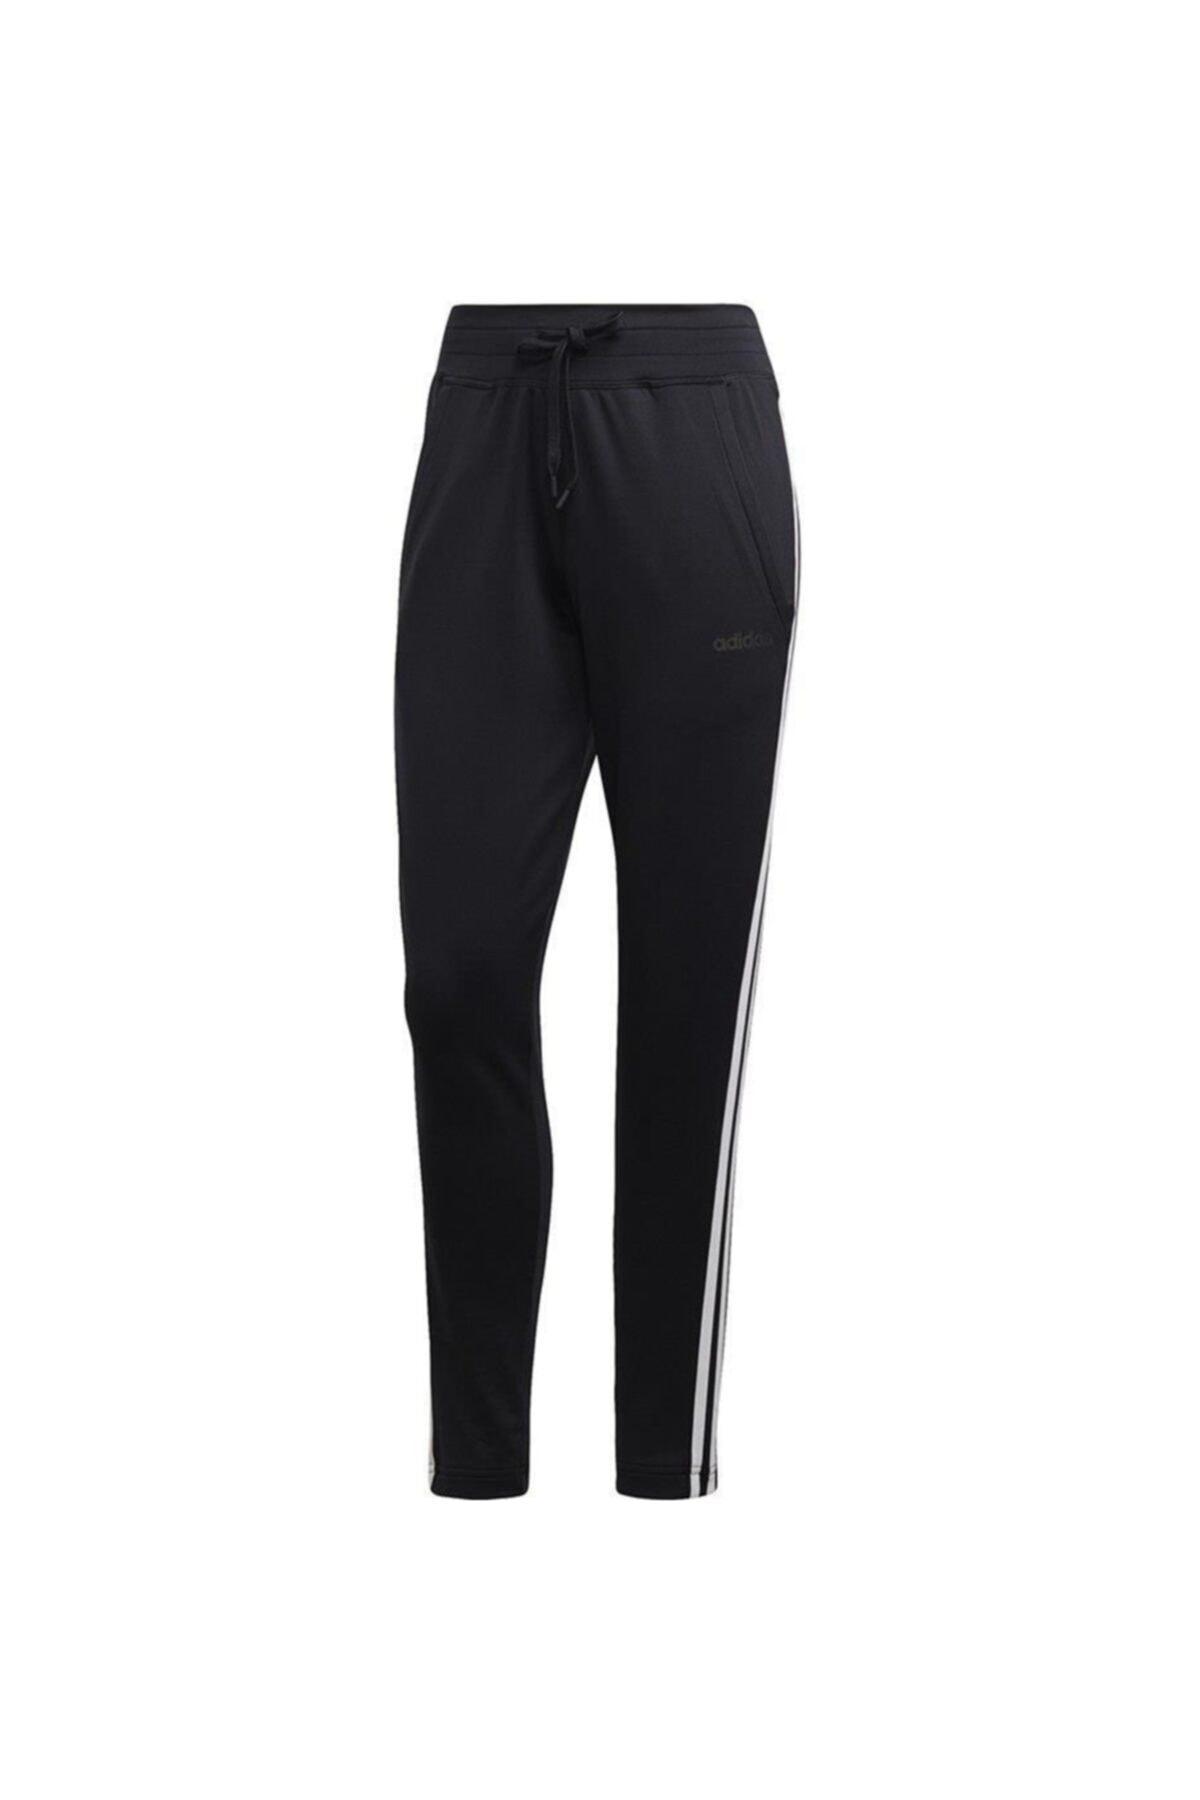 adidas D2M 3S PANT Siyah Kadın Eşofman 101068978 1